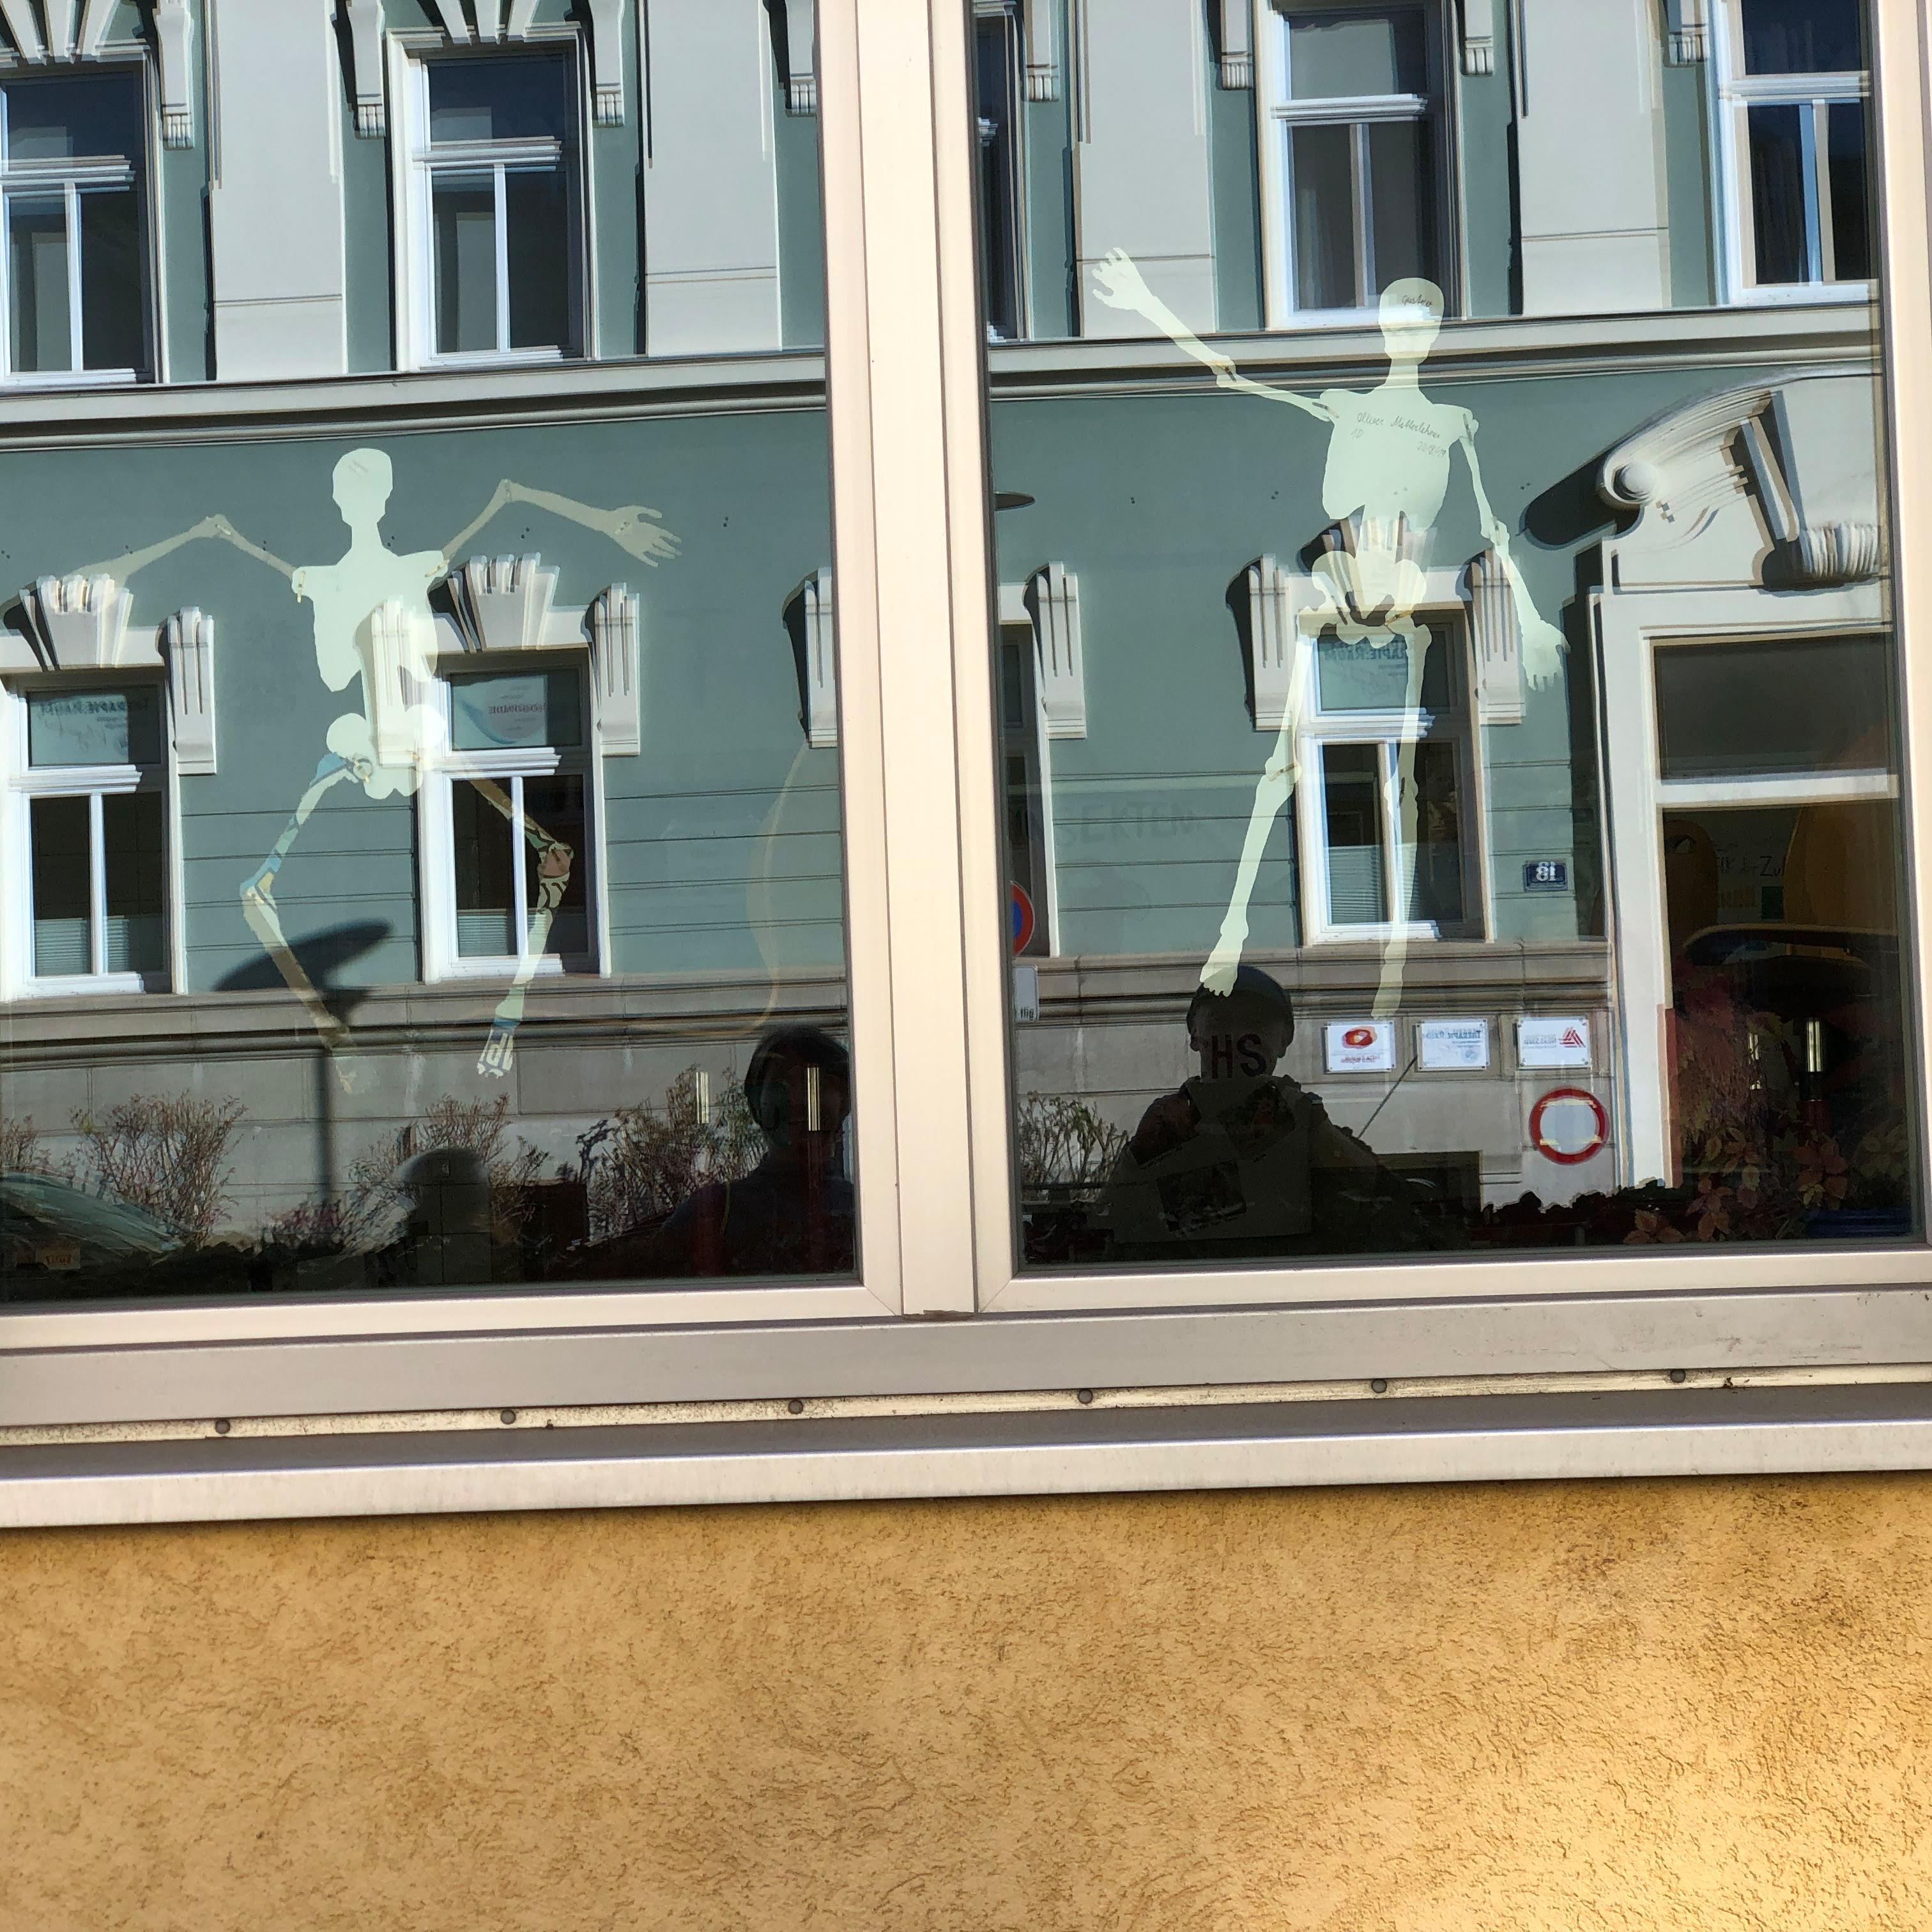 </p> <h3>HEUTE FÜR MORGEN LERNEN • DANES SE UČITI ZA JUTRI.</h3> </p> <strong>WAS HABE ICH GELERNT? KAJ SEM SE NAUČIL? </strong> </p> Dankbarkeit! Nichts ist iselbstverständlich. Wie blau der Himmel sein kann! Unser Haus am Benediktinerplatz hat 128 Stufen, hinauf und zurück. # Nič ni samo po sebi umevno.Hvaleženost! Moje geslo: misliti - čakati - se postiti!